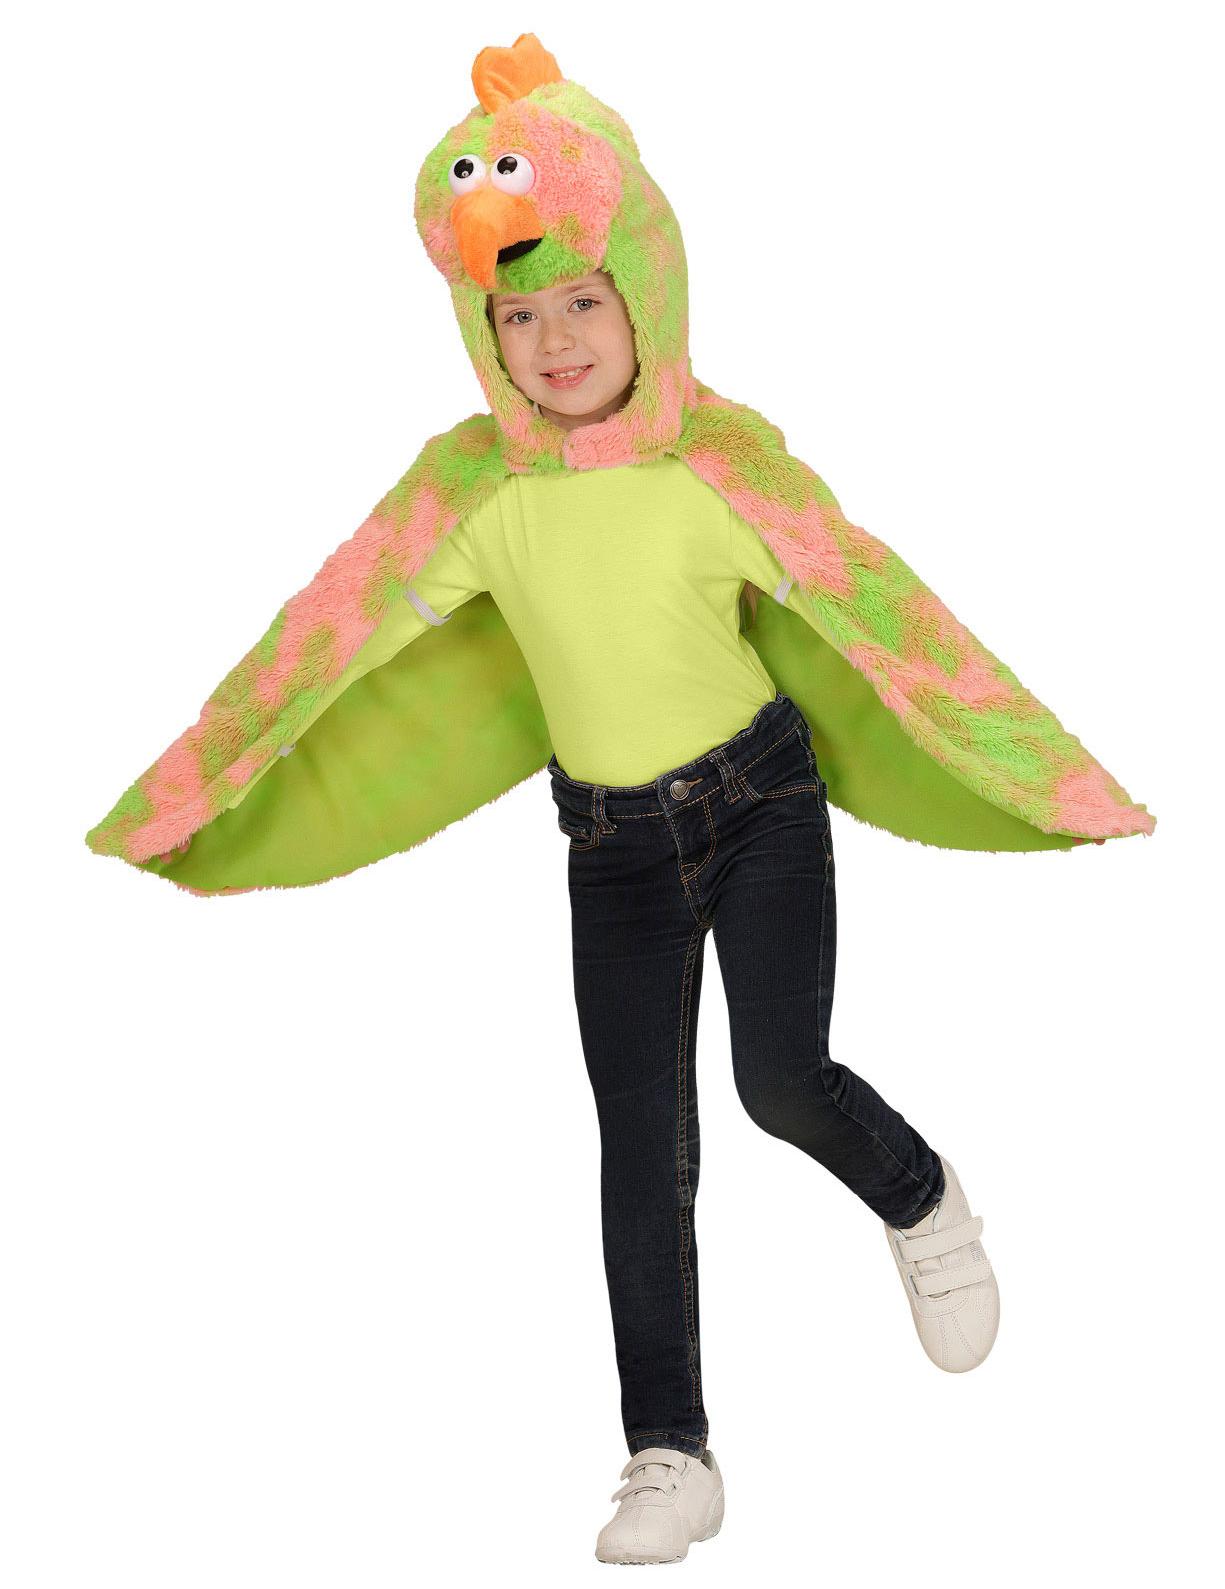 poncho mit kapuze als kanarienvogel kost m f r kinder. Black Bedroom Furniture Sets. Home Design Ideas